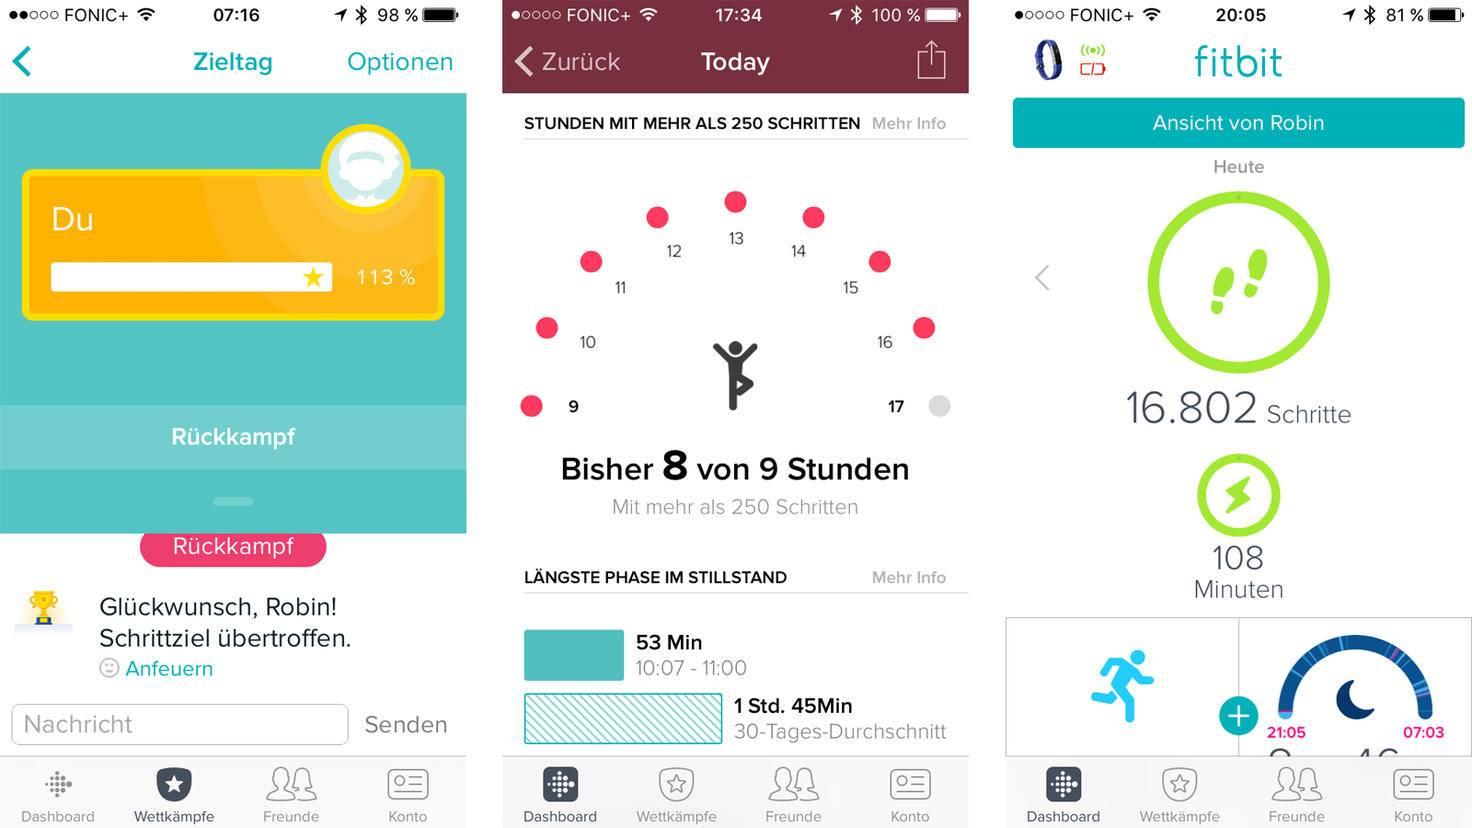 Schritte und Co. kannst Du über die Kinderansicht der Fitbit-App einsehen.